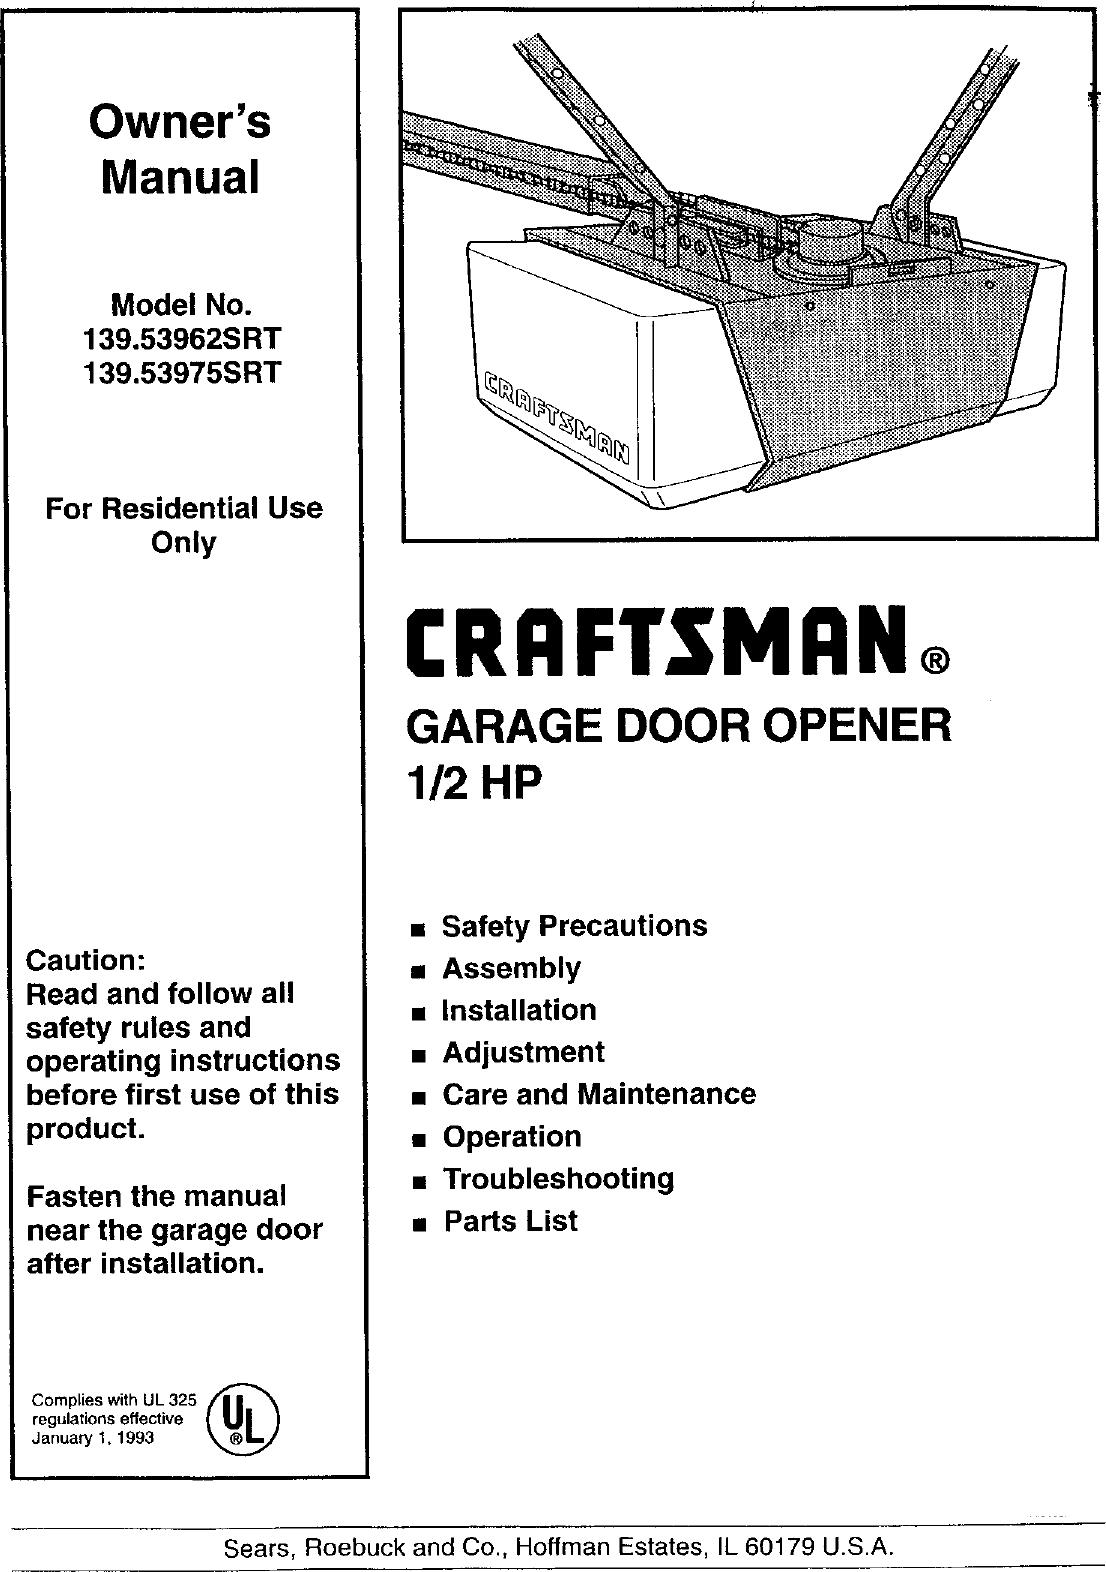 Craftsman Garage Door Opener Manual 1999 1 2 Hp